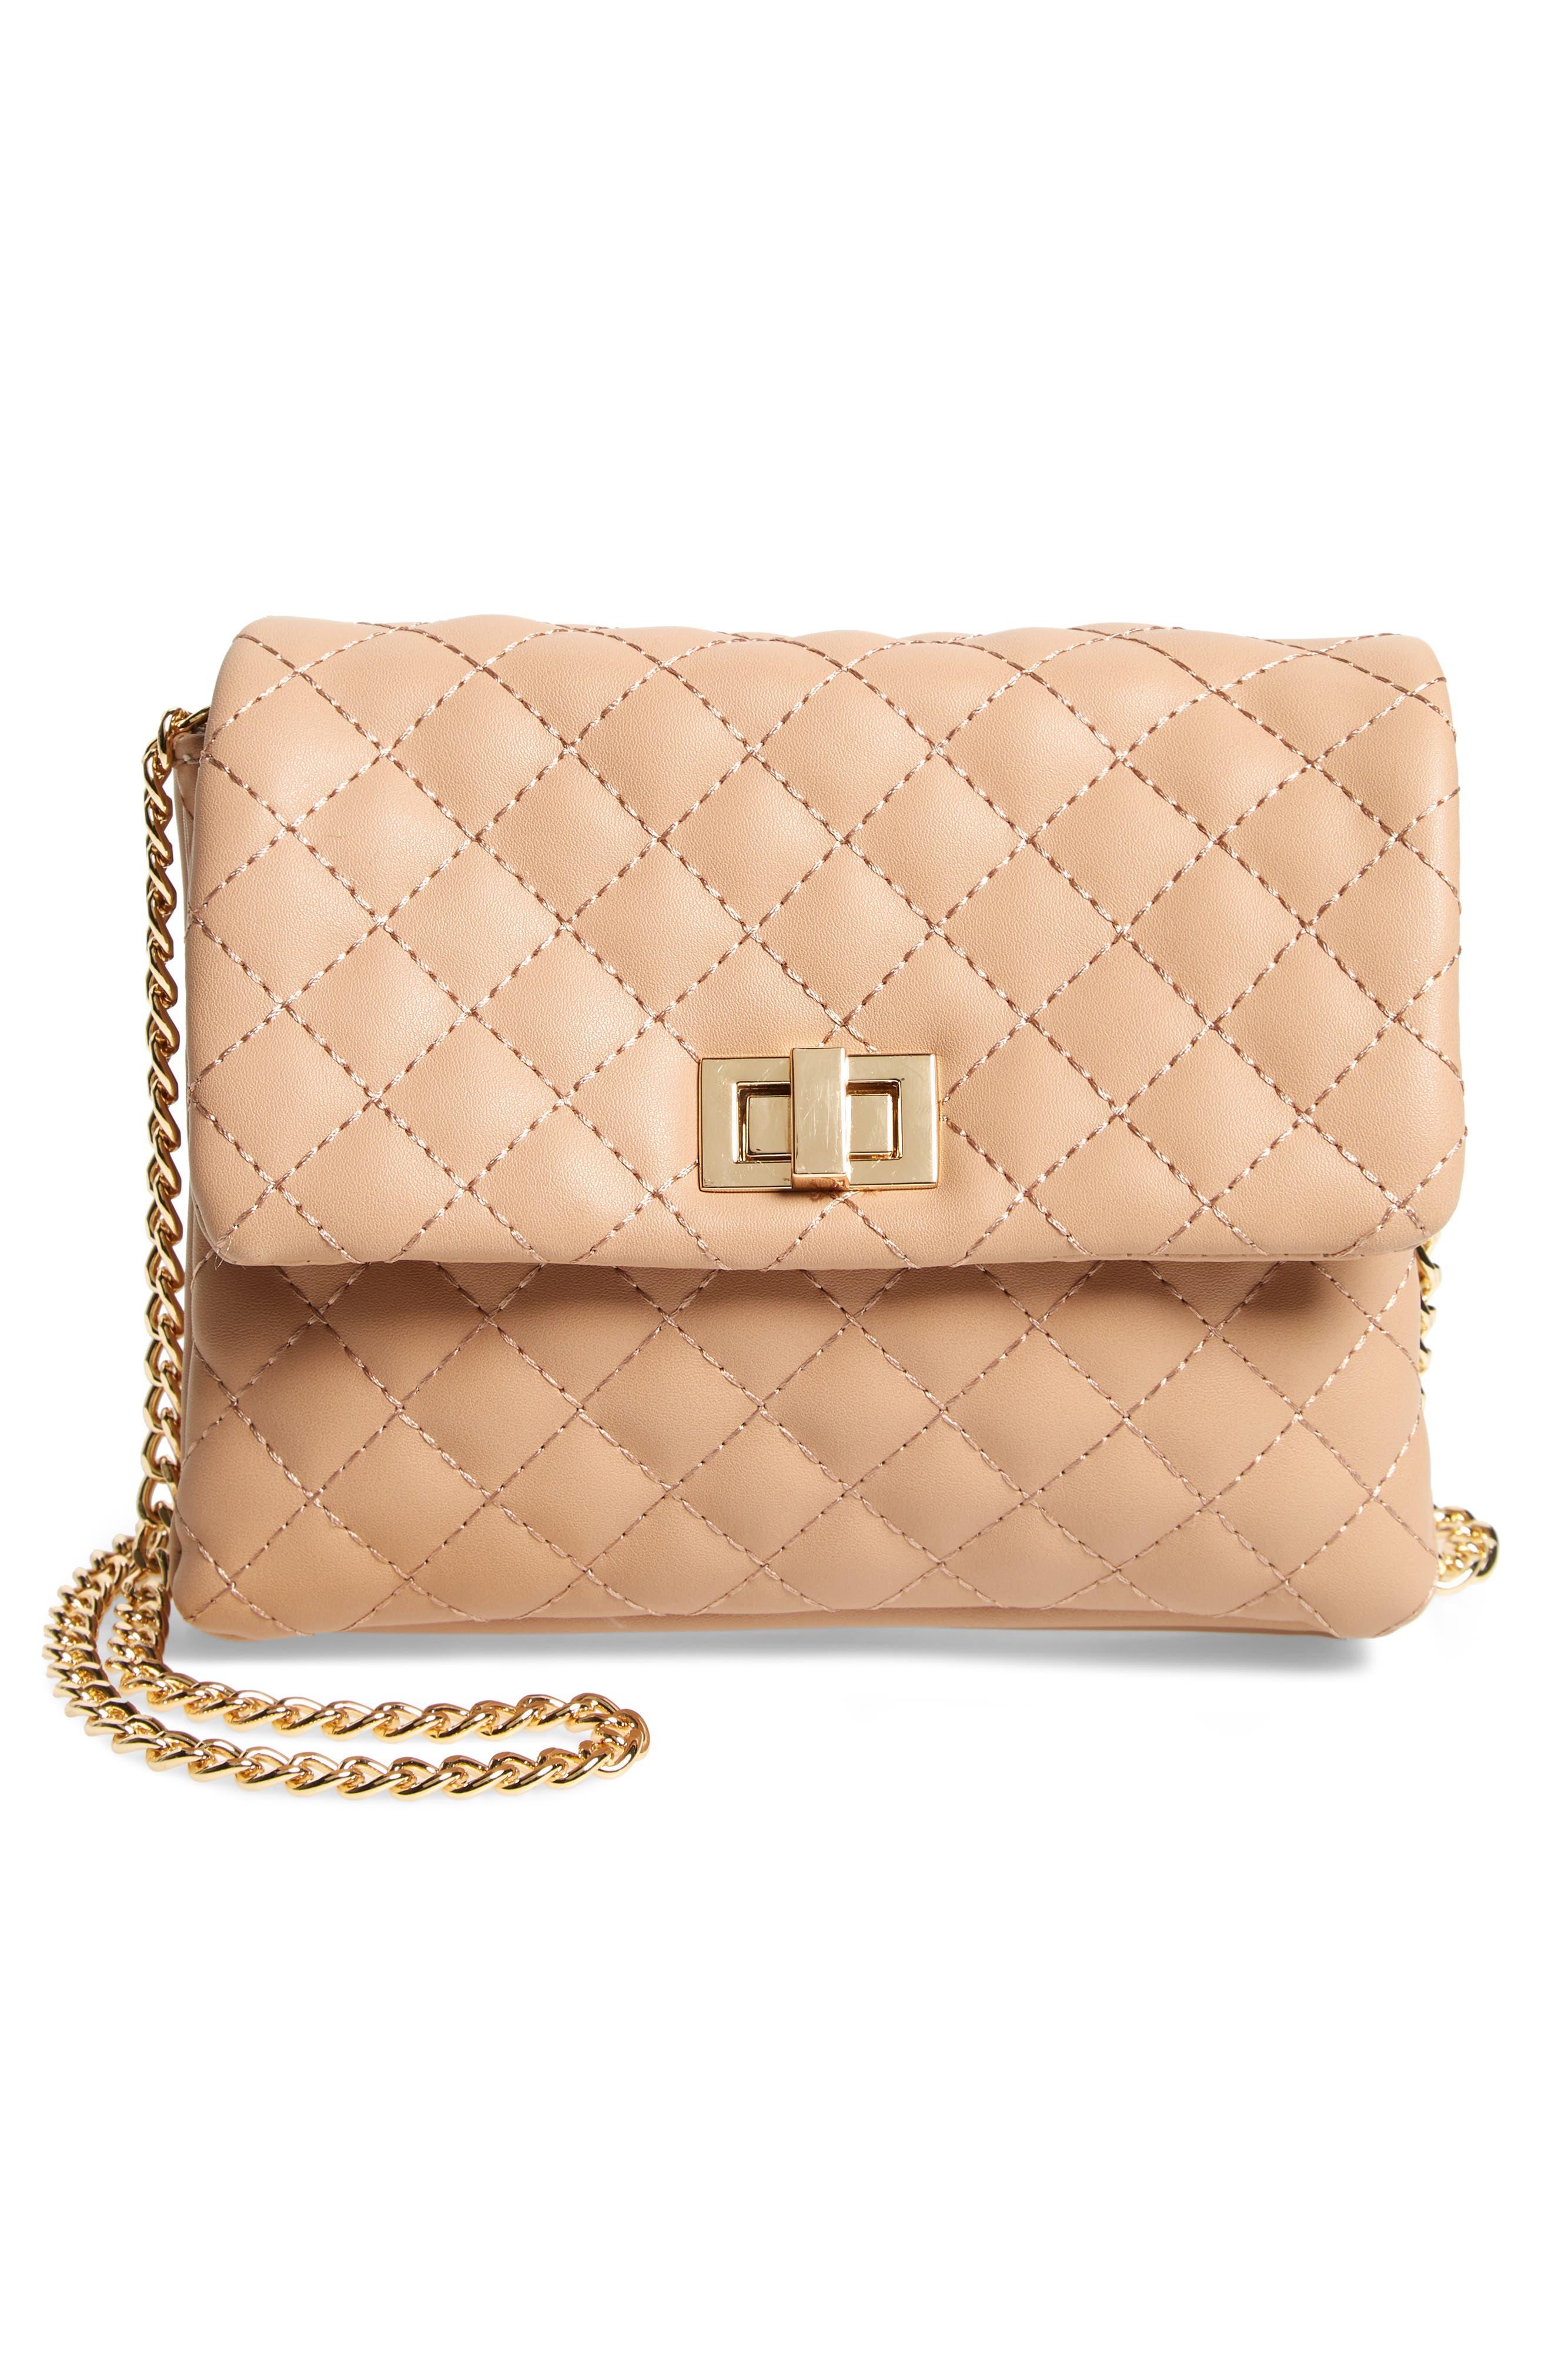 Mali + Lili Quilted Vegan Leather Belt Bag,                             Alternate thumbnail 4, color,                             CAMEL